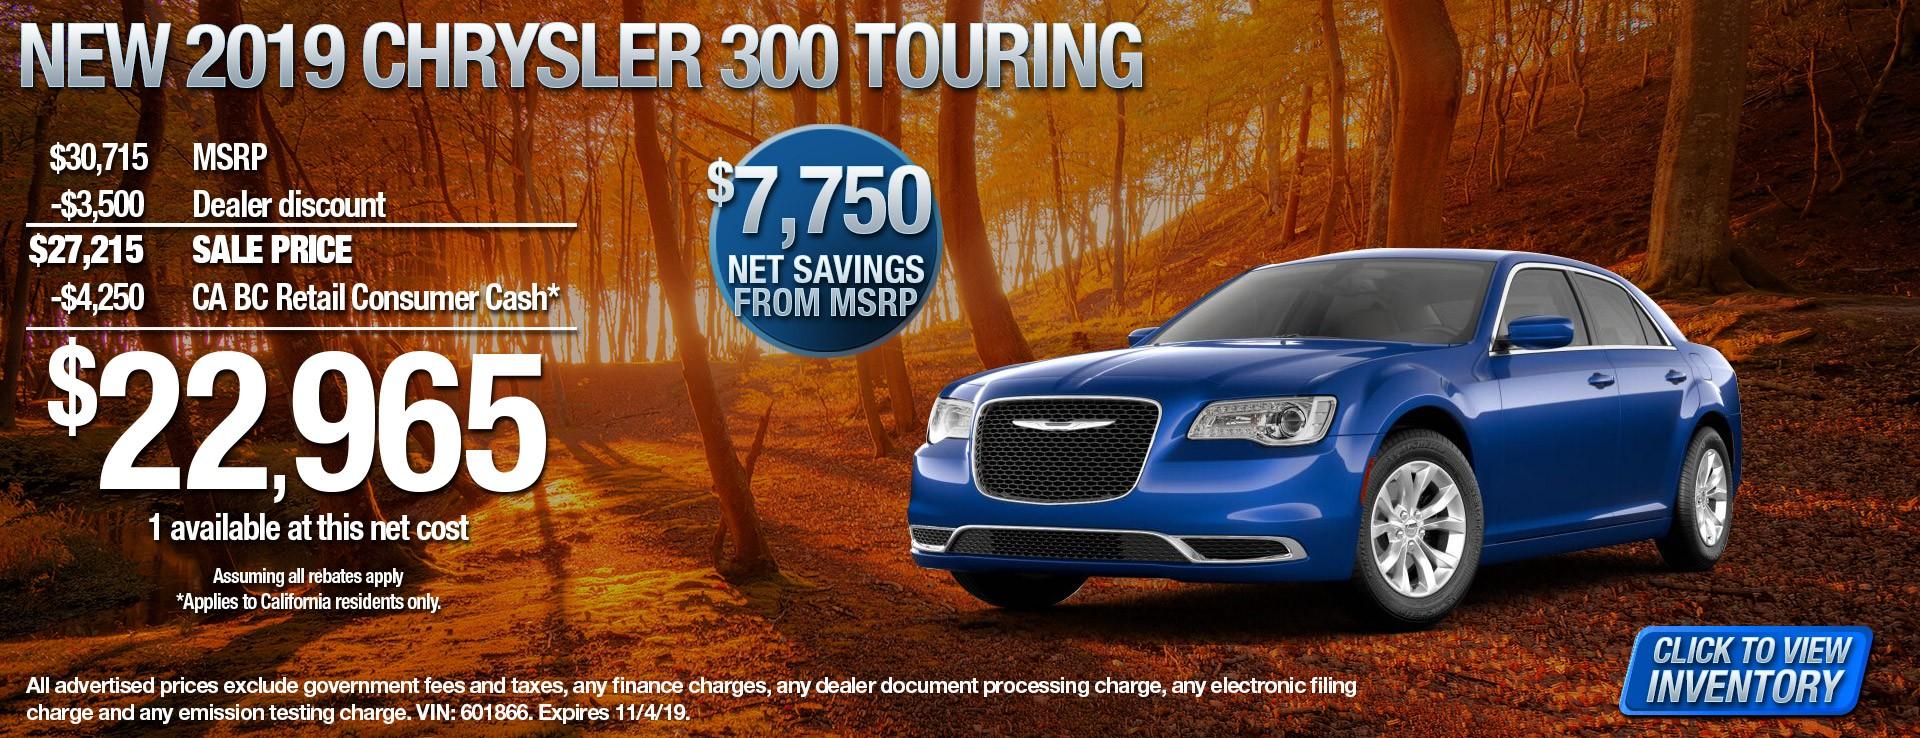 19 Chrysler 300